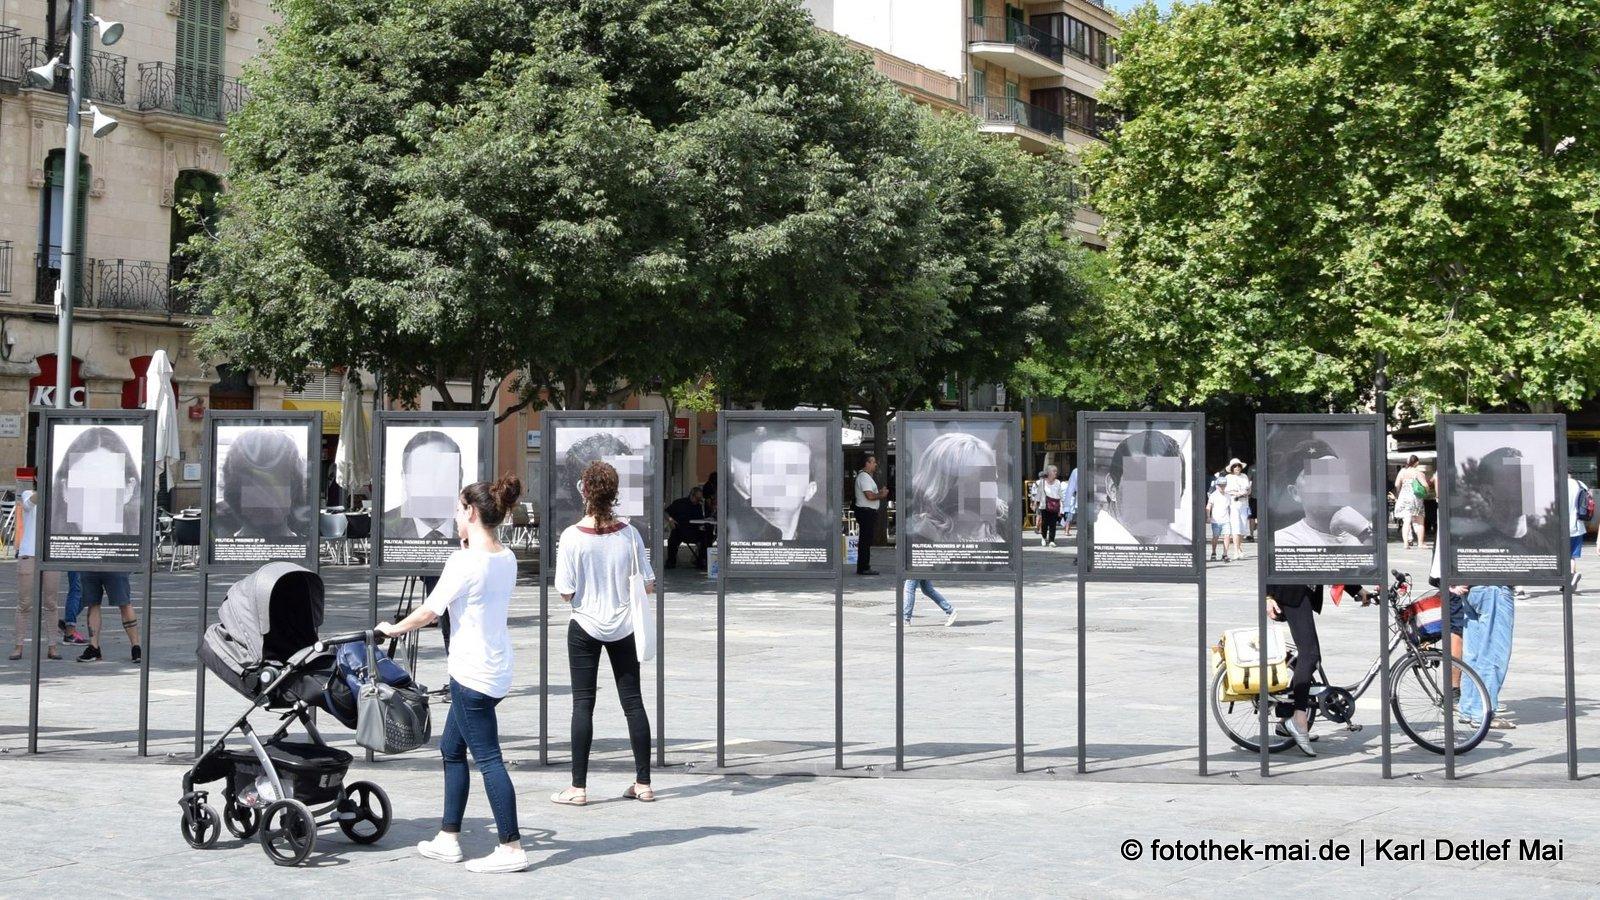 Unkenntlich und doch bekannt // Viele Spanier interessierten sich für die Ausstellung in Barcelona (ES)